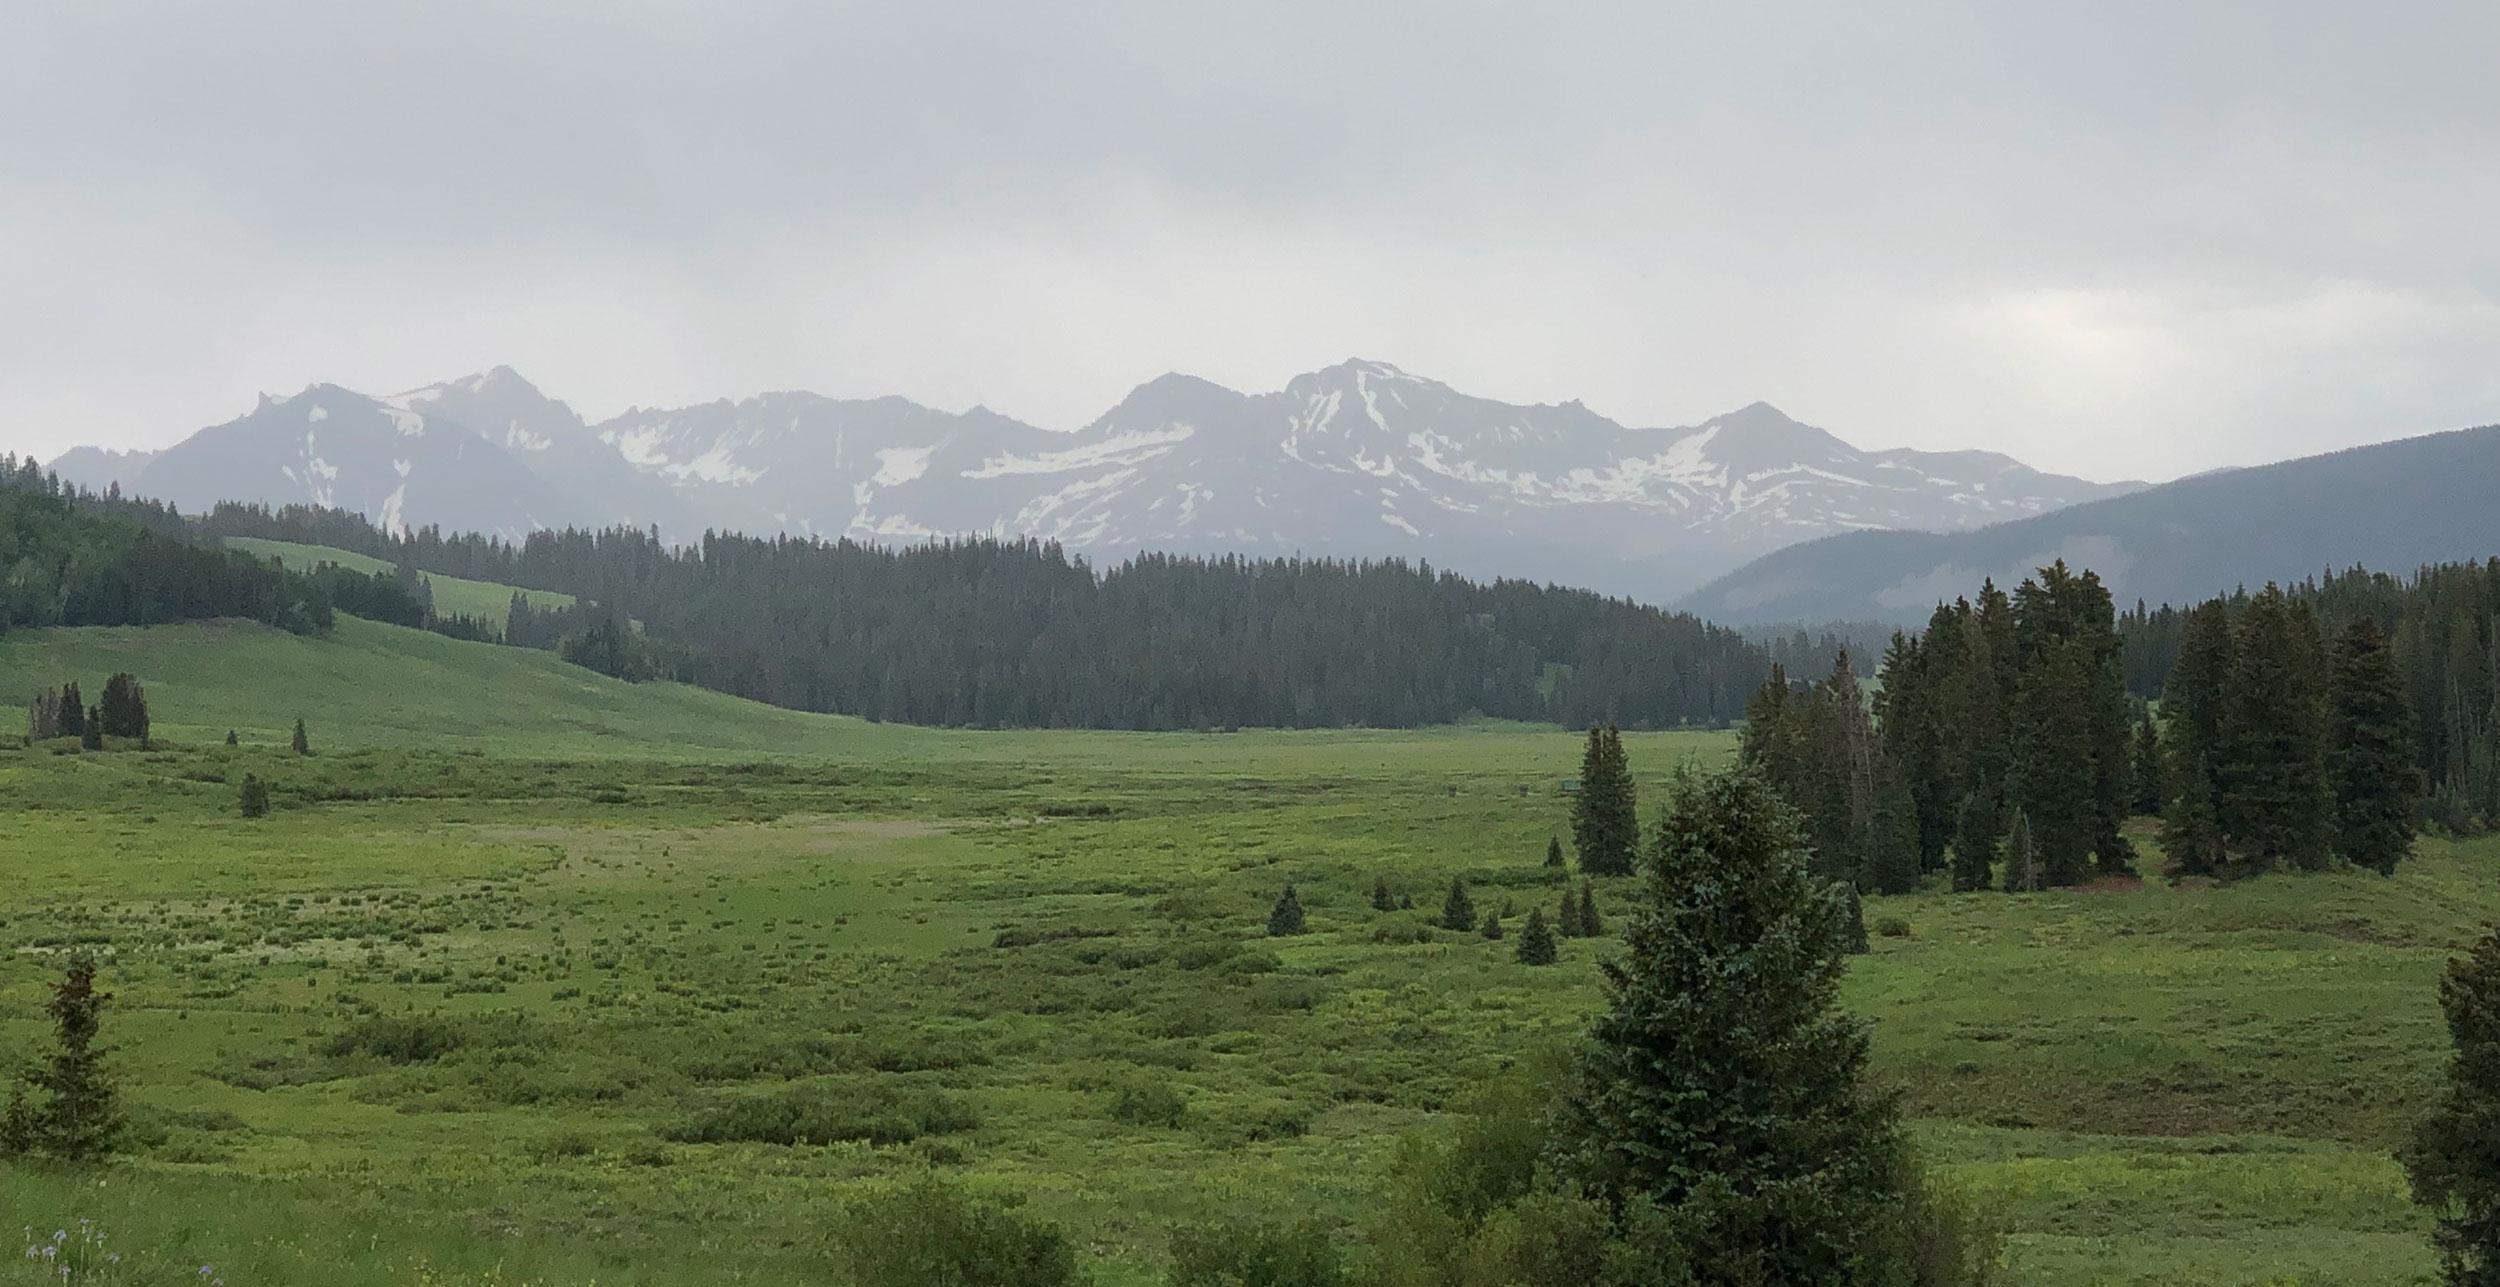 The Meadows, Telluride Colorado - image by Debbie Devereaux